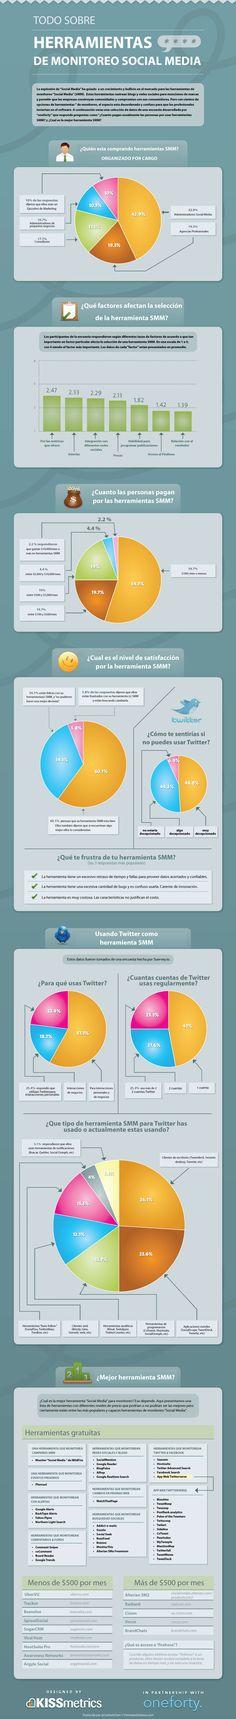 Infografía en español que muestra las herramientas para monitorizar social media